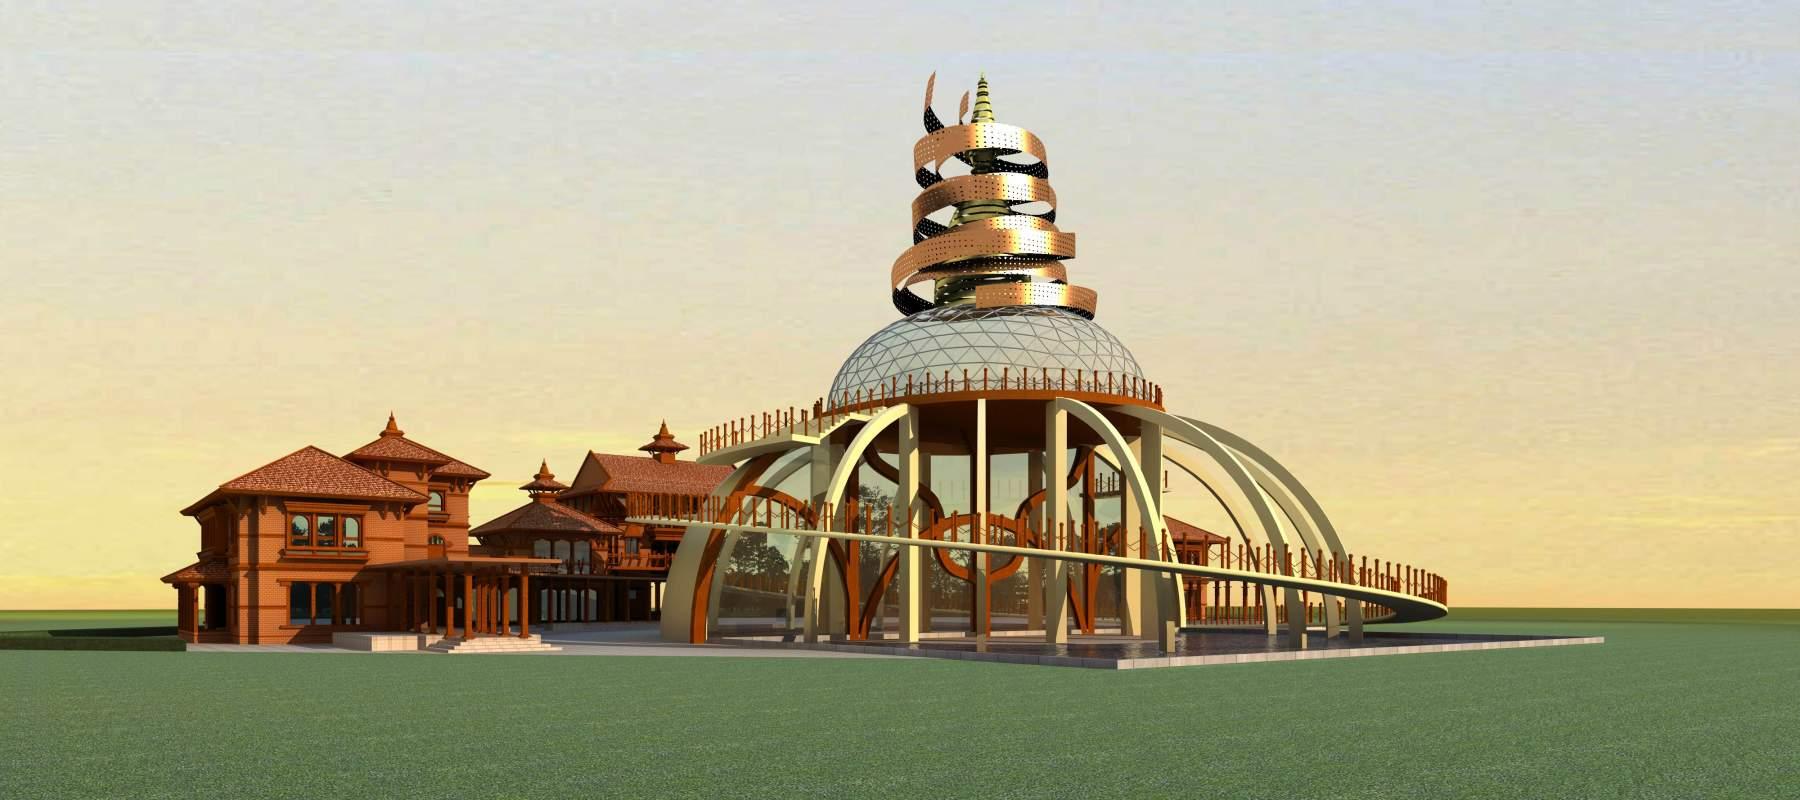 尼泊尔式建筑